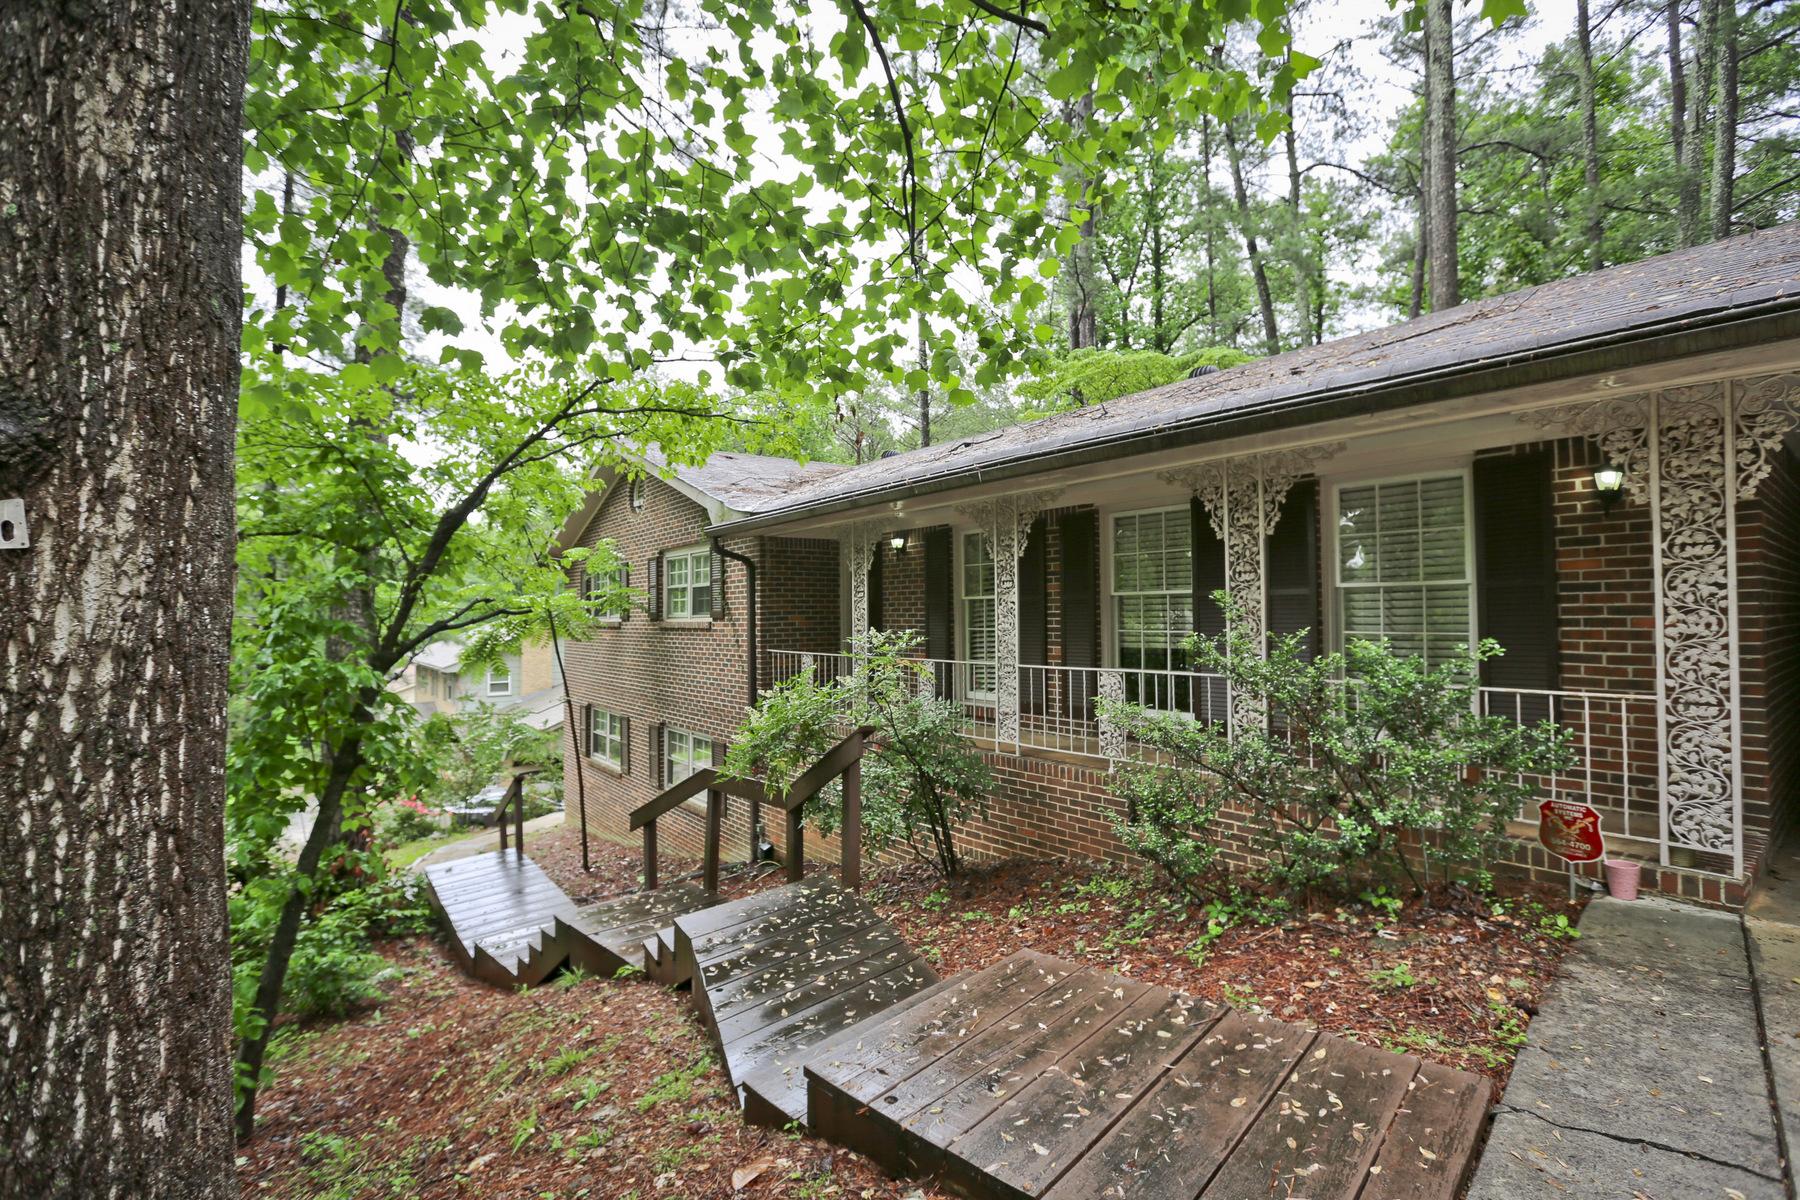 Maison unifamiliale pour l Vente à Brick Ranch With Complete In-law/Au Pair Suite 2509 Henderson Mill Road NE Atlanta, Georgia, 30345 États-Unis